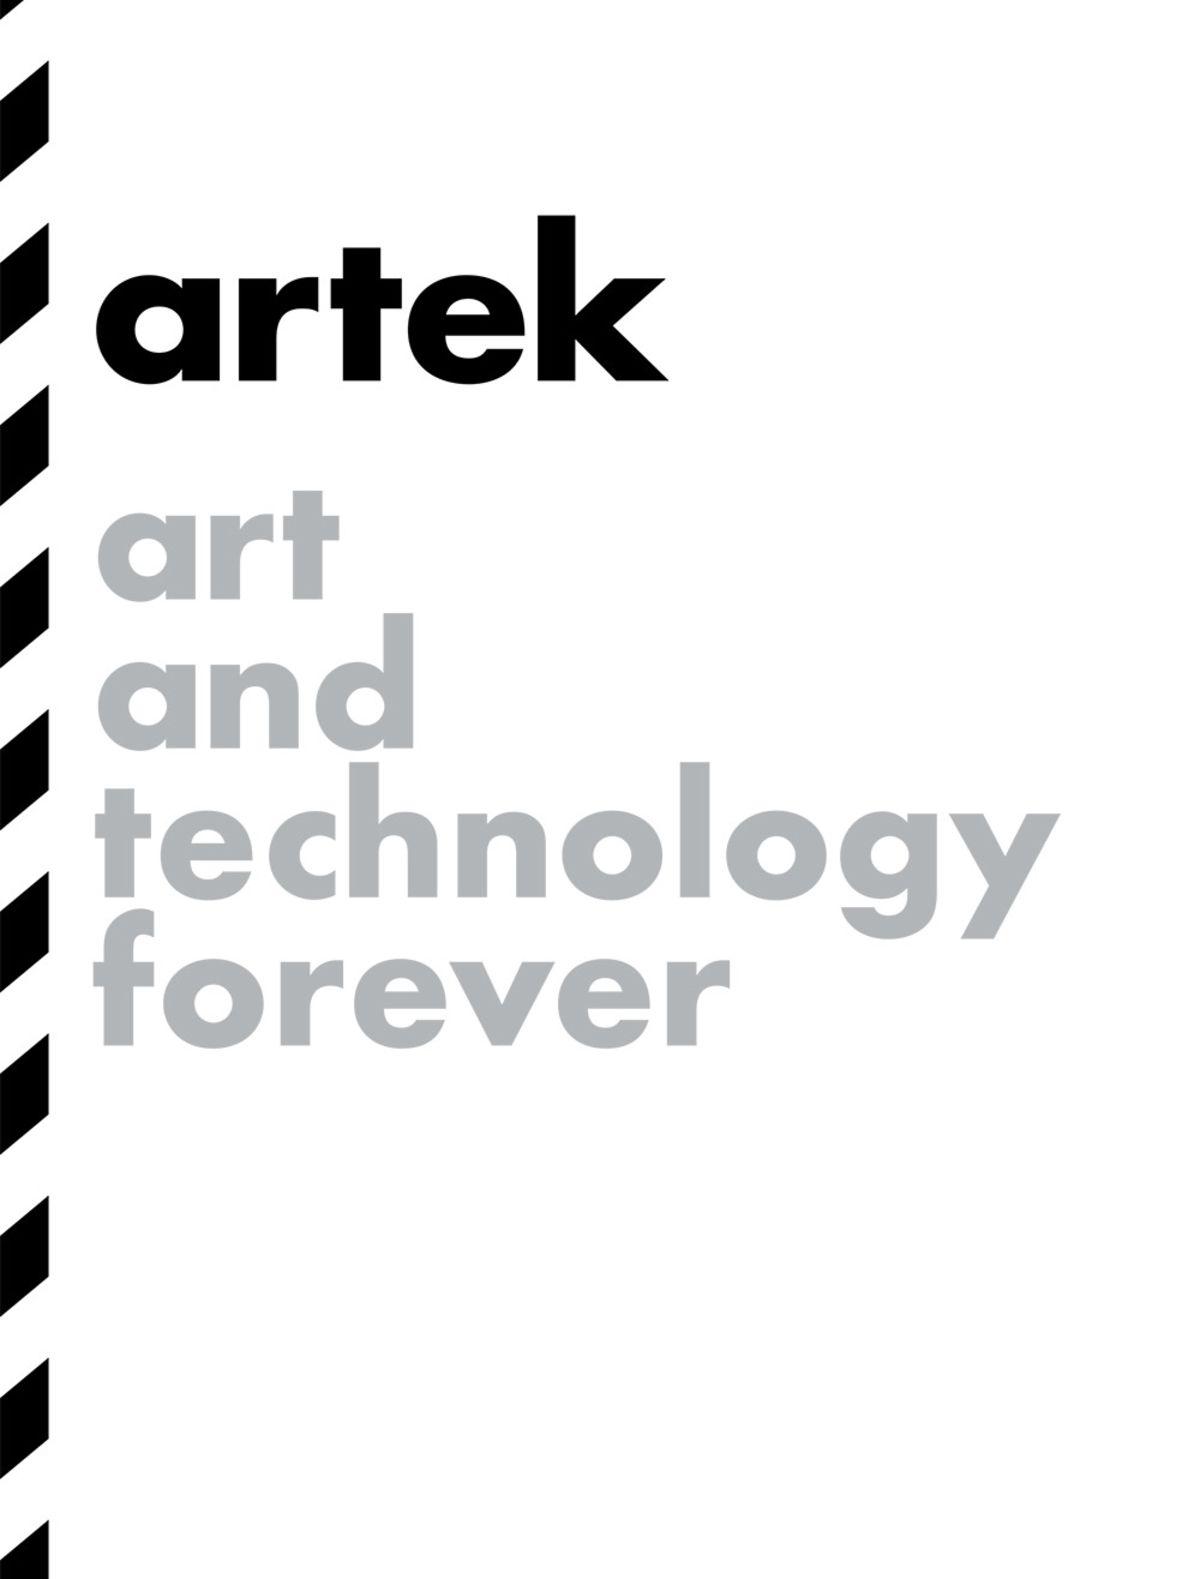 Artek_Product_Catalogue_Preview